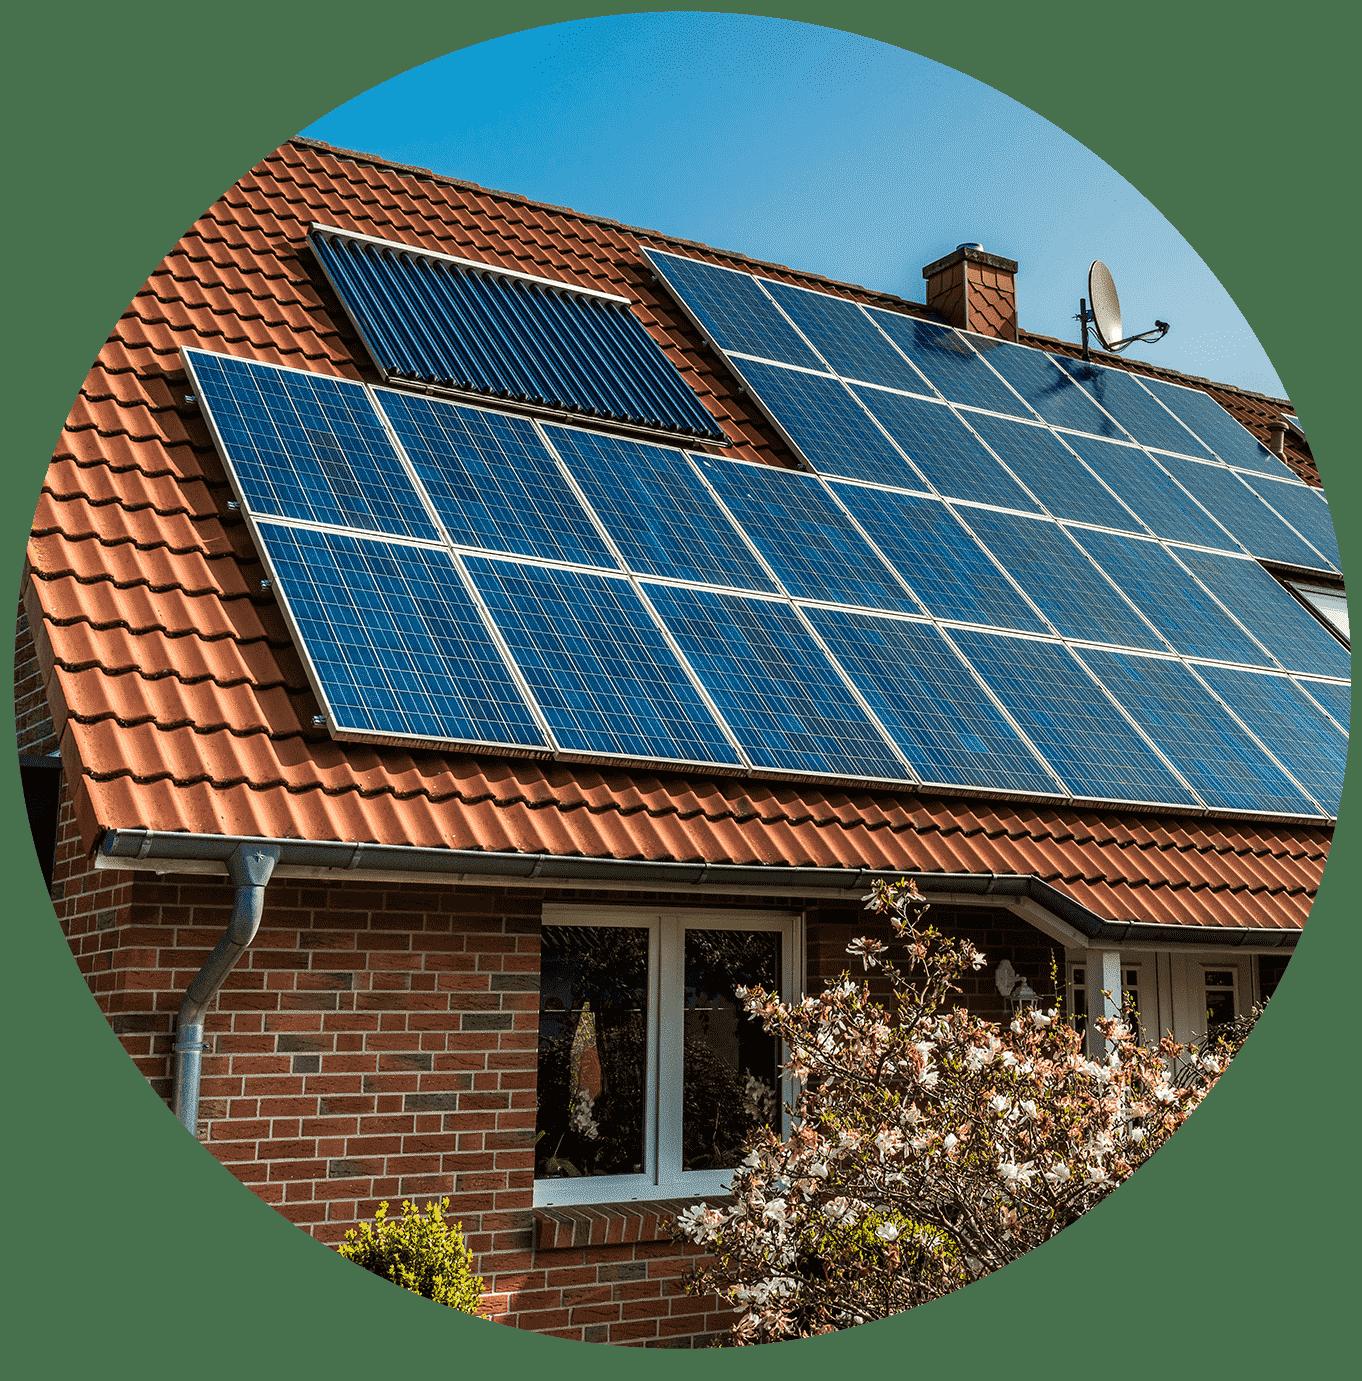 placas solares encima de un tejado